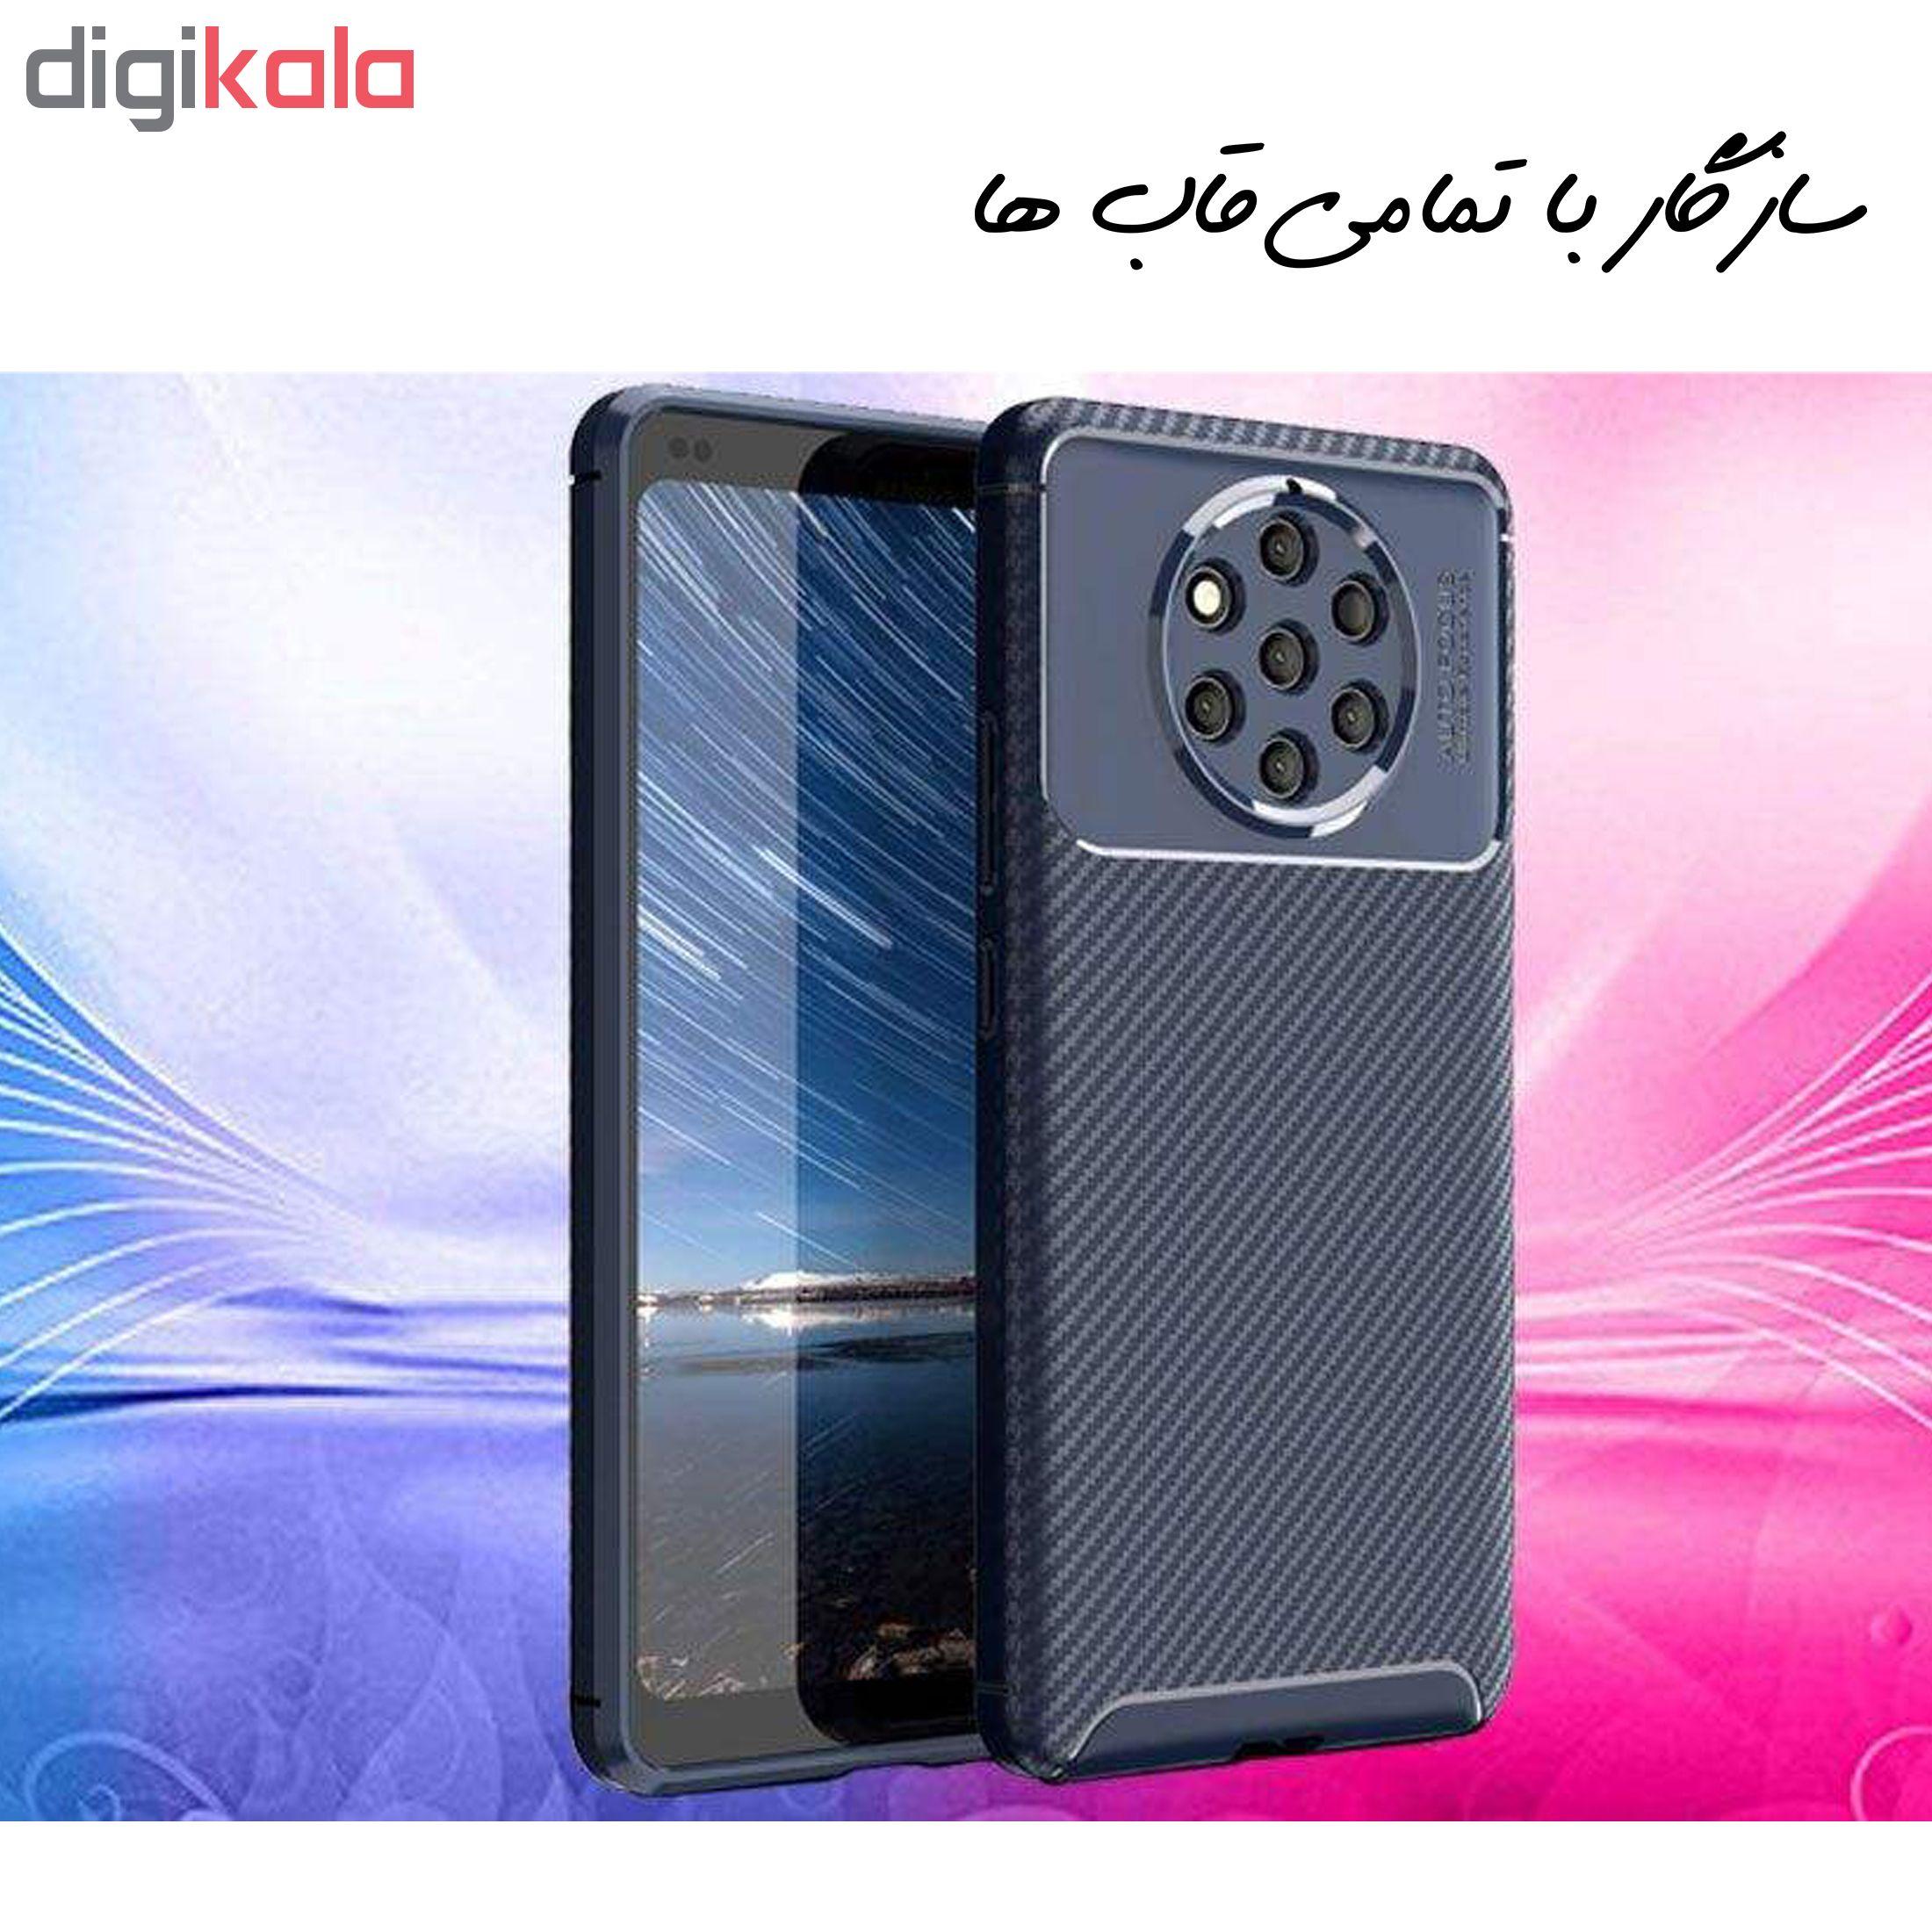 محافظ صفحه نمایش  یووی لایت Hard and thick مدل U-02 مناسب برای گوشی موبایل سامسونگ Galaxy Note 9 main 1 7